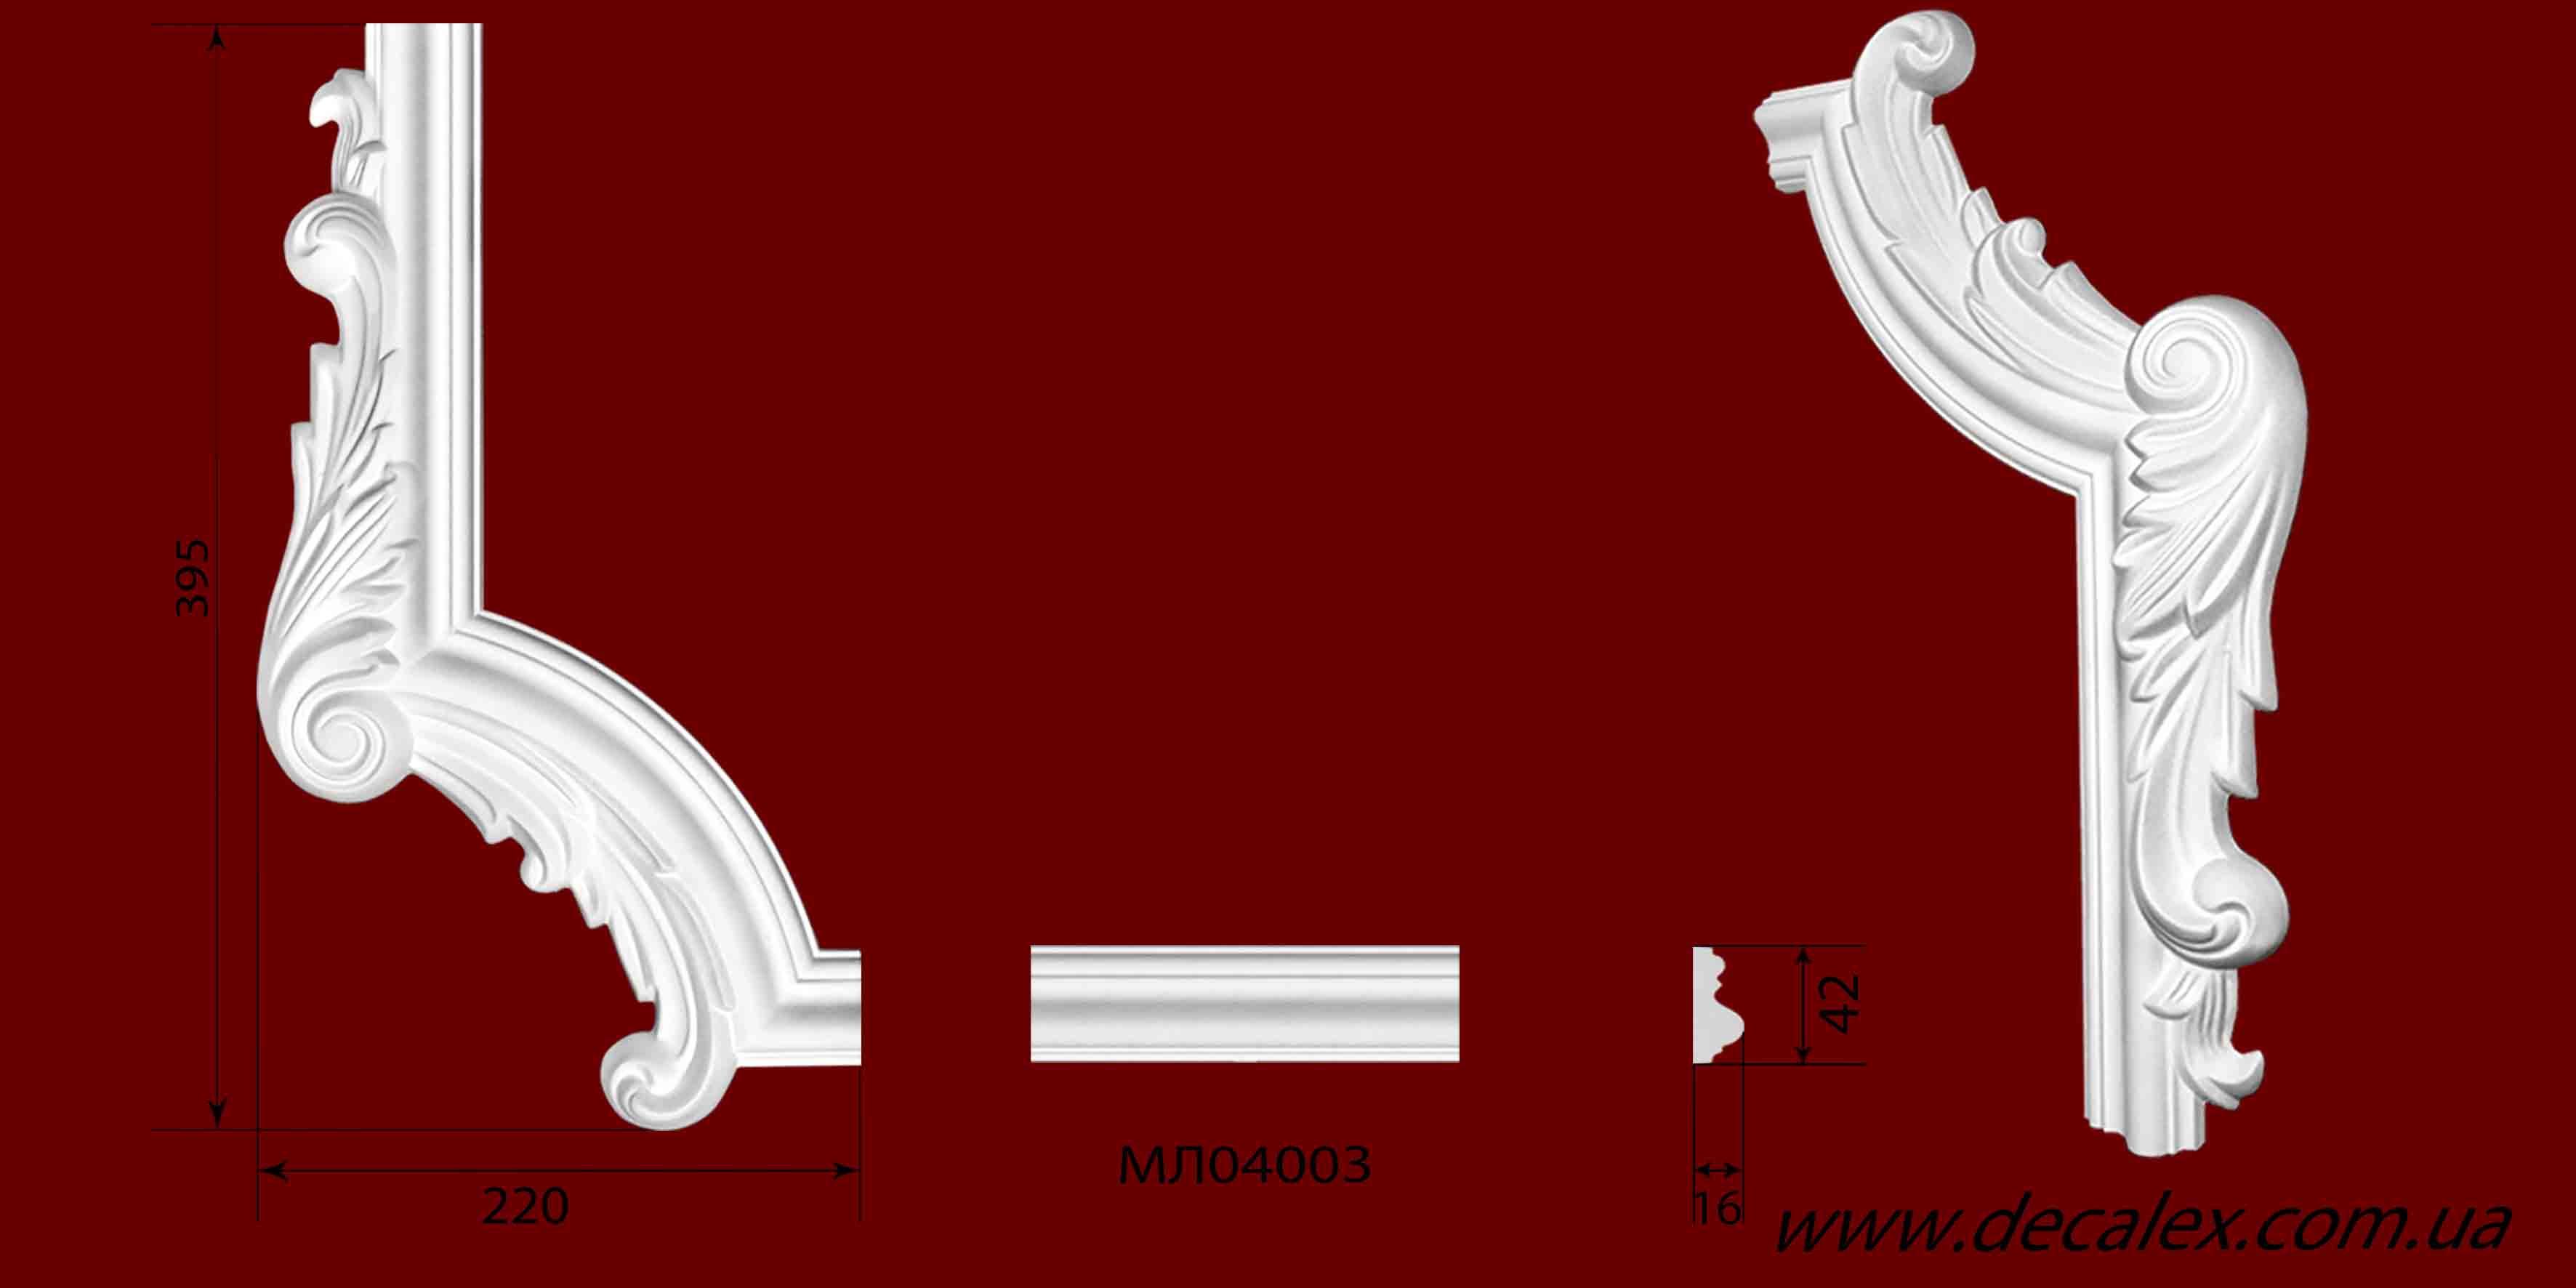 Код товара ГЛ04003-1. Угловой элемент из гипса , стыкуется с МЛ04003. Розничная цена 130 грн./шт.